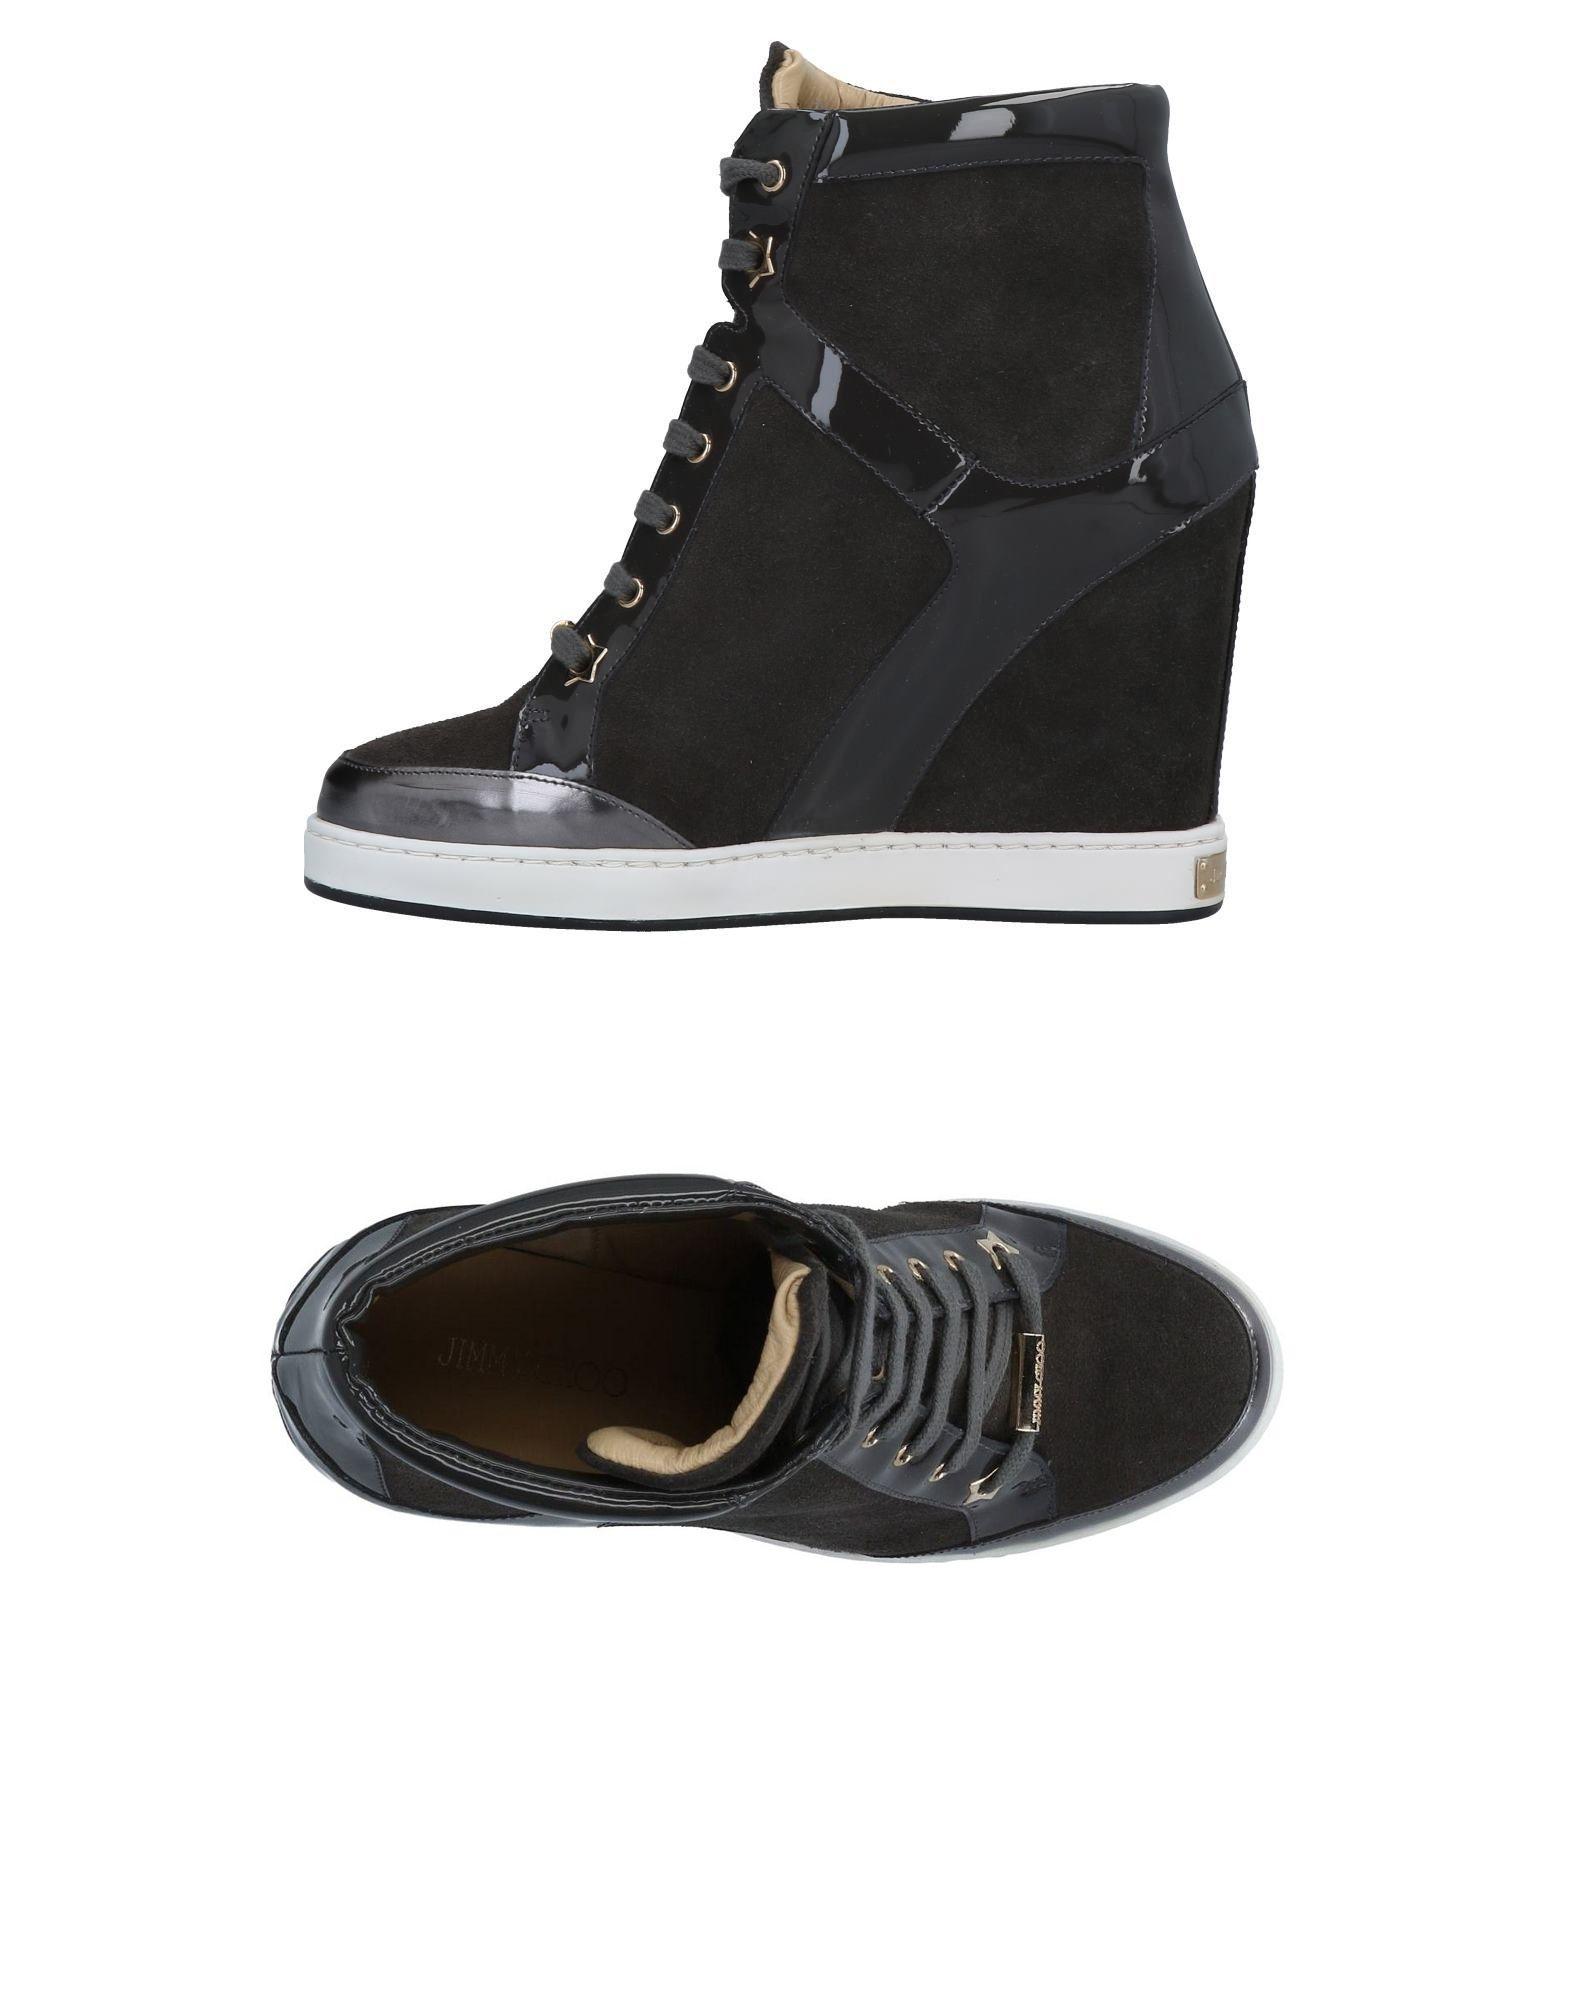 Jimmy Choo Beliebte Sneakers Damen  11067657JW Beliebte Choo Schuhe 85bb42